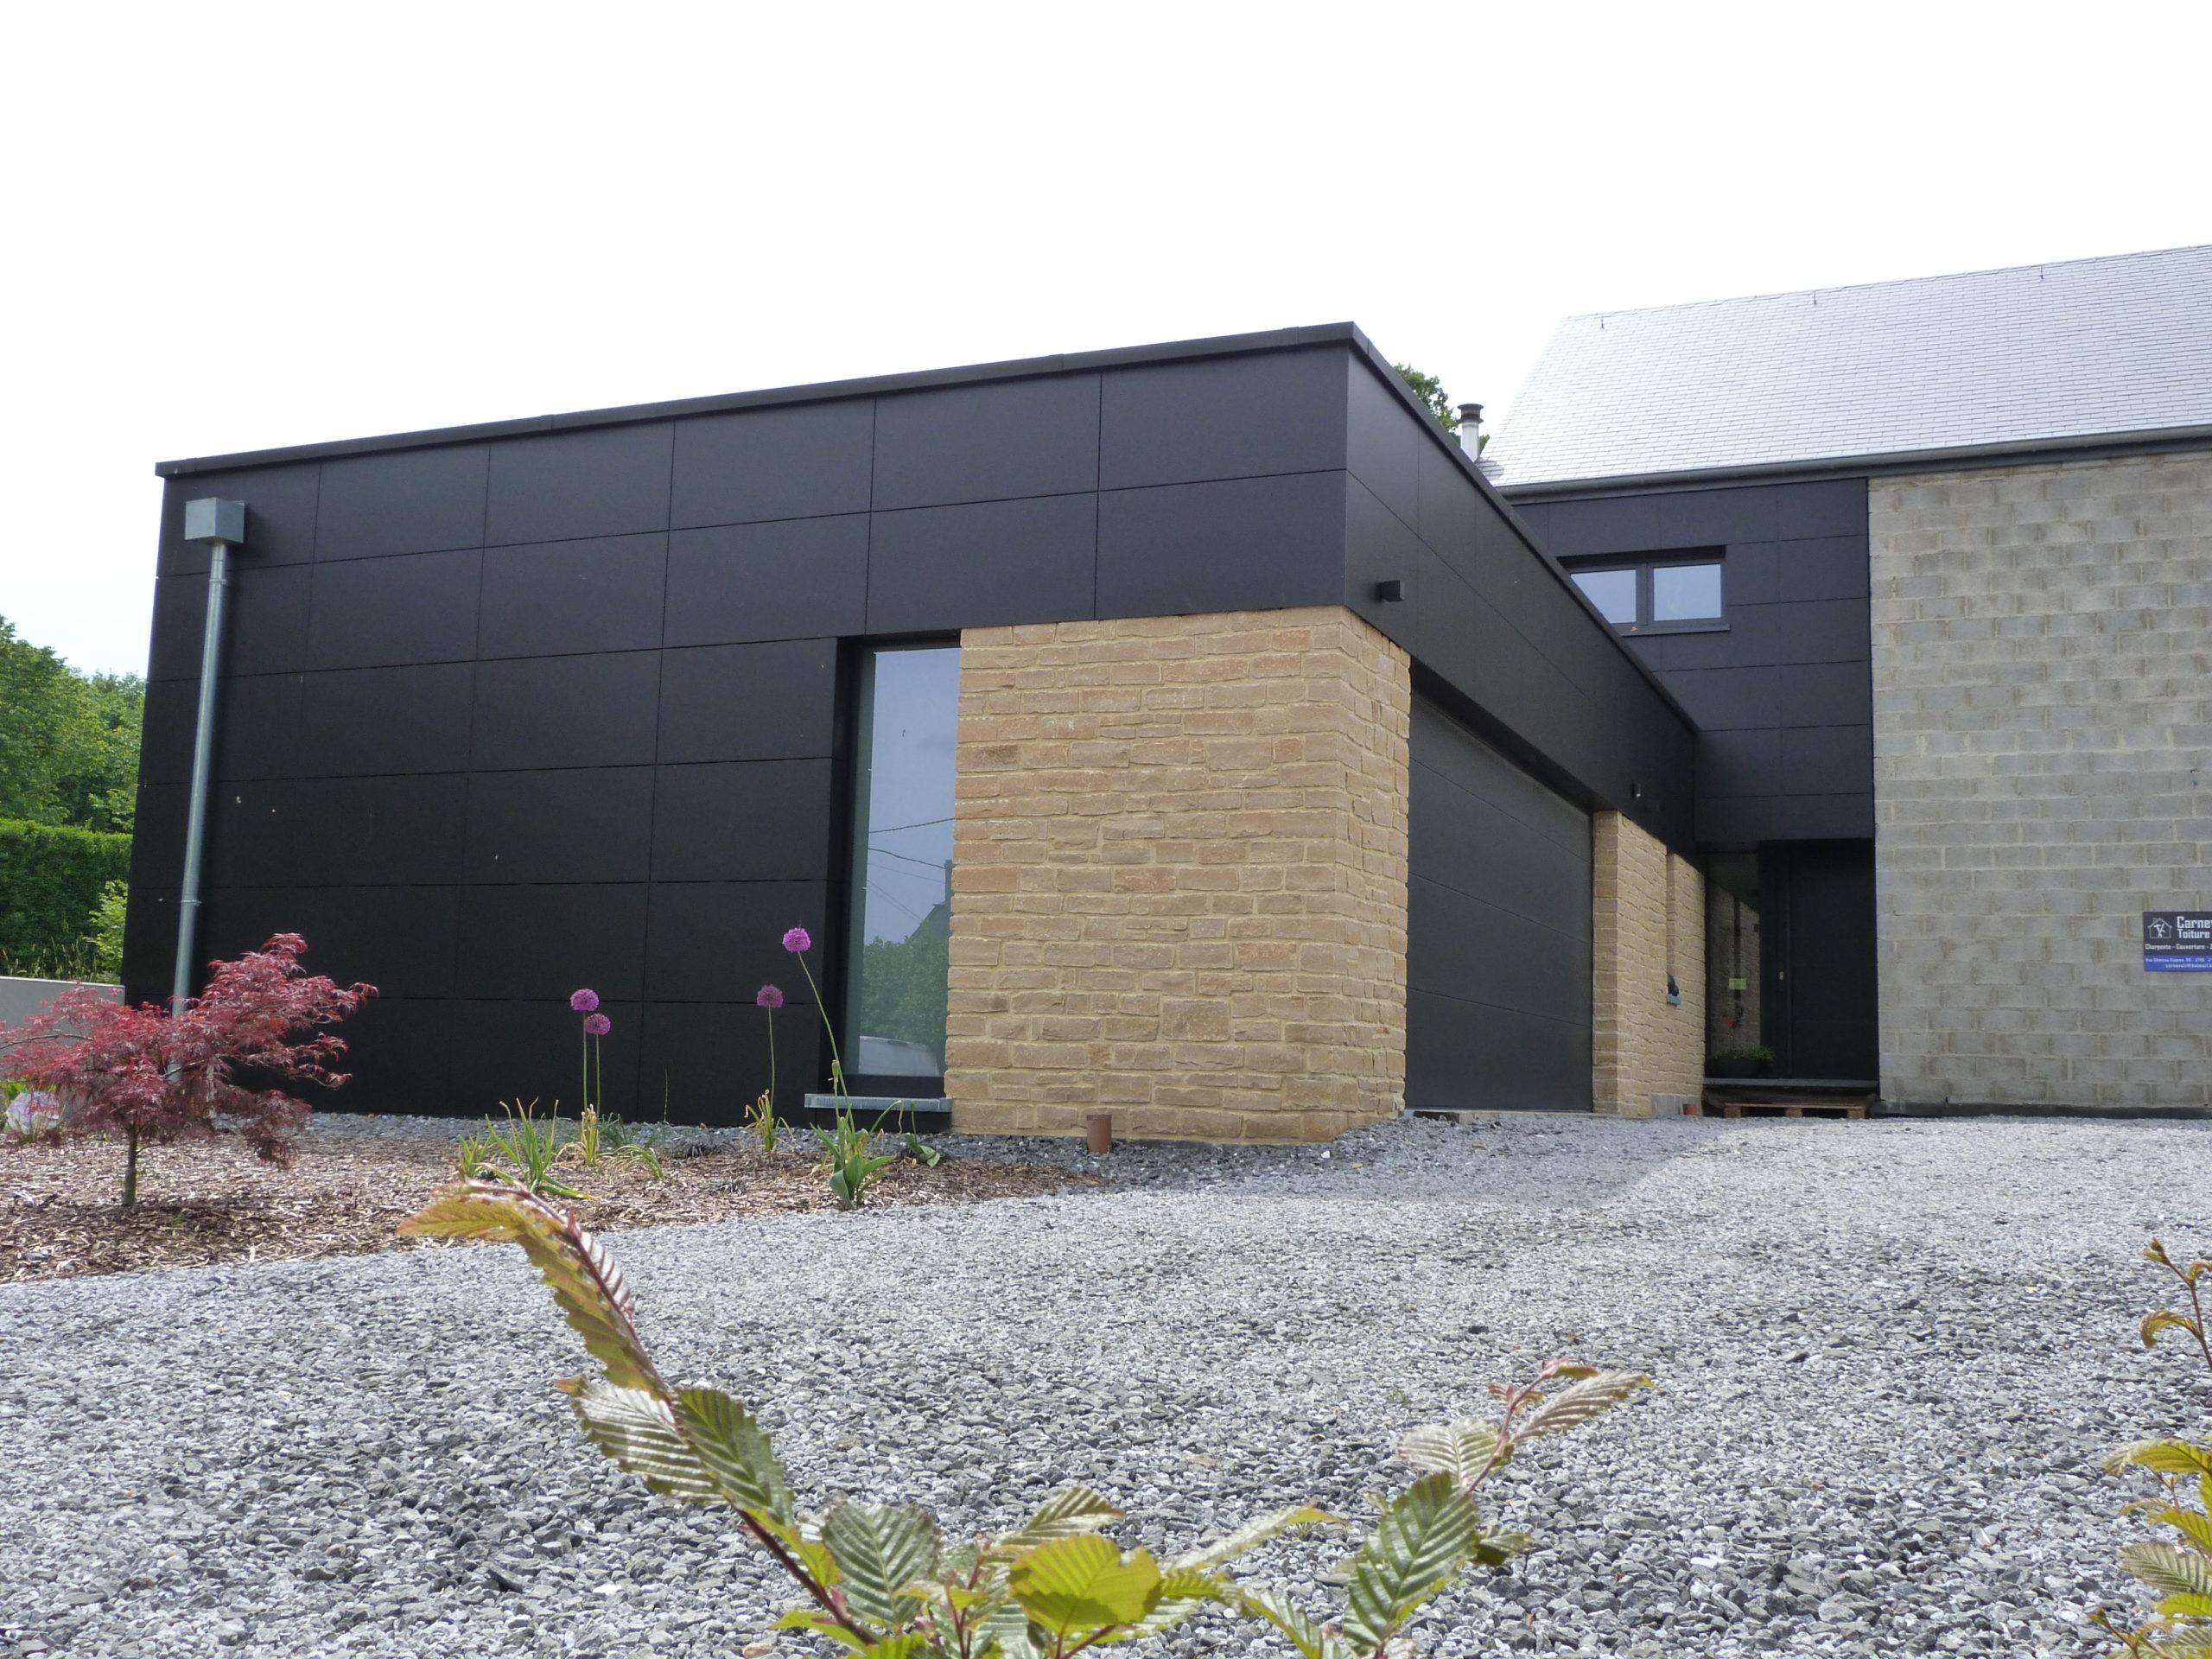 Maison 4 façades à Mussy la Ville 1 3 scaled